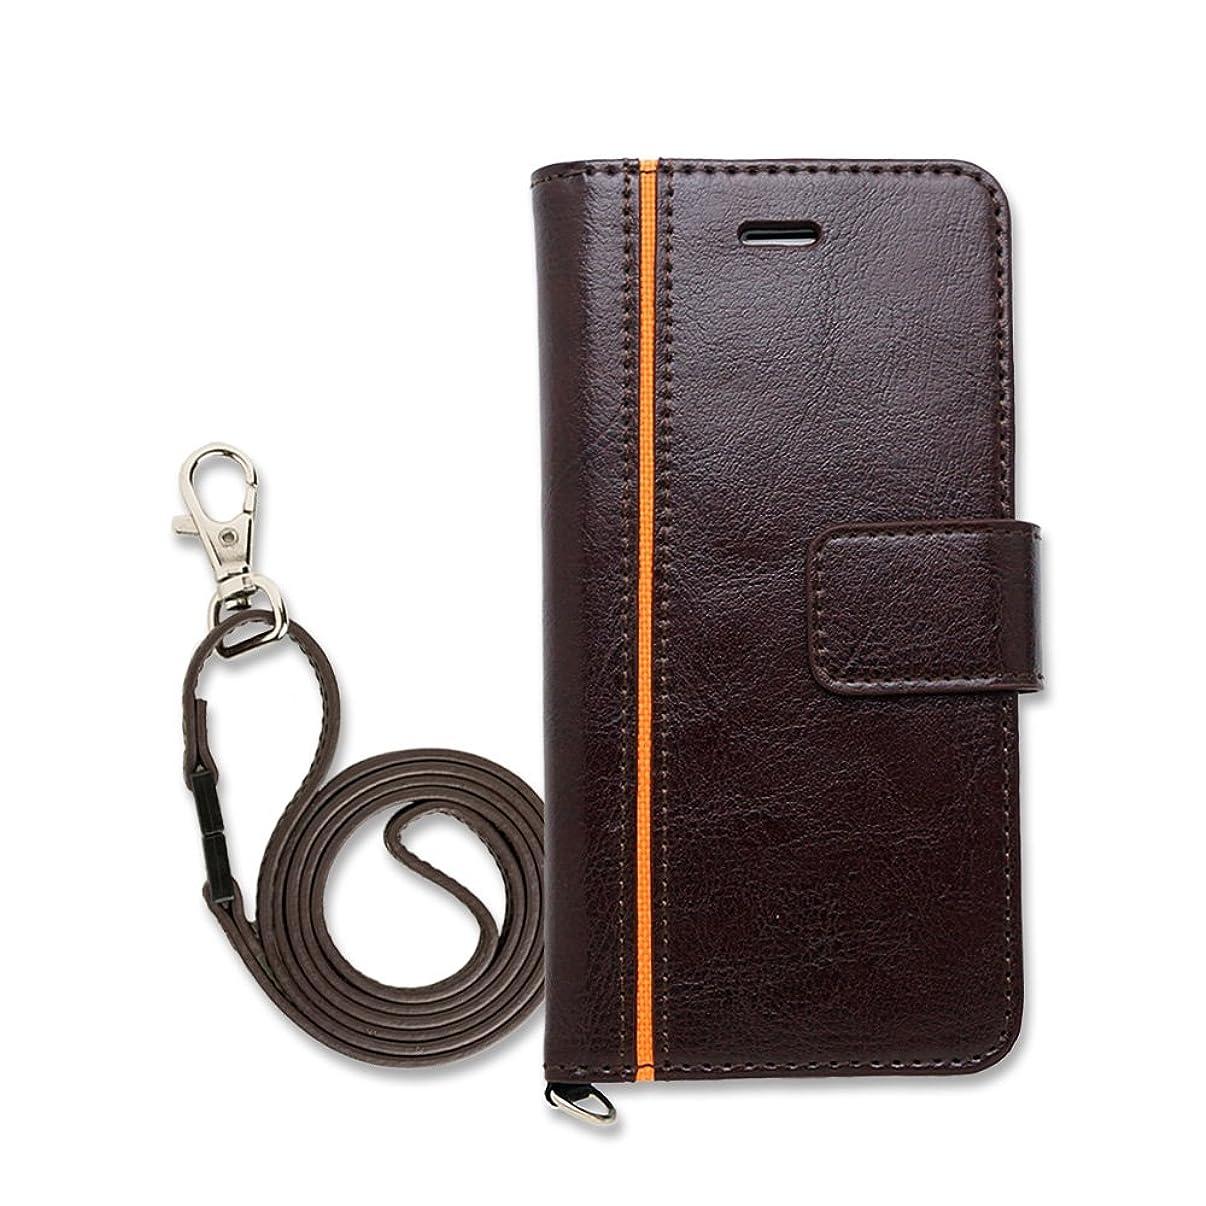 チキン怪しい麻痺Hy+ iPhone7、iPhone8 (アイフォン8) 本革レザー ケース 手帳型 ブラウン (ネックストラップ、カードポケット、スタンド機能付き)